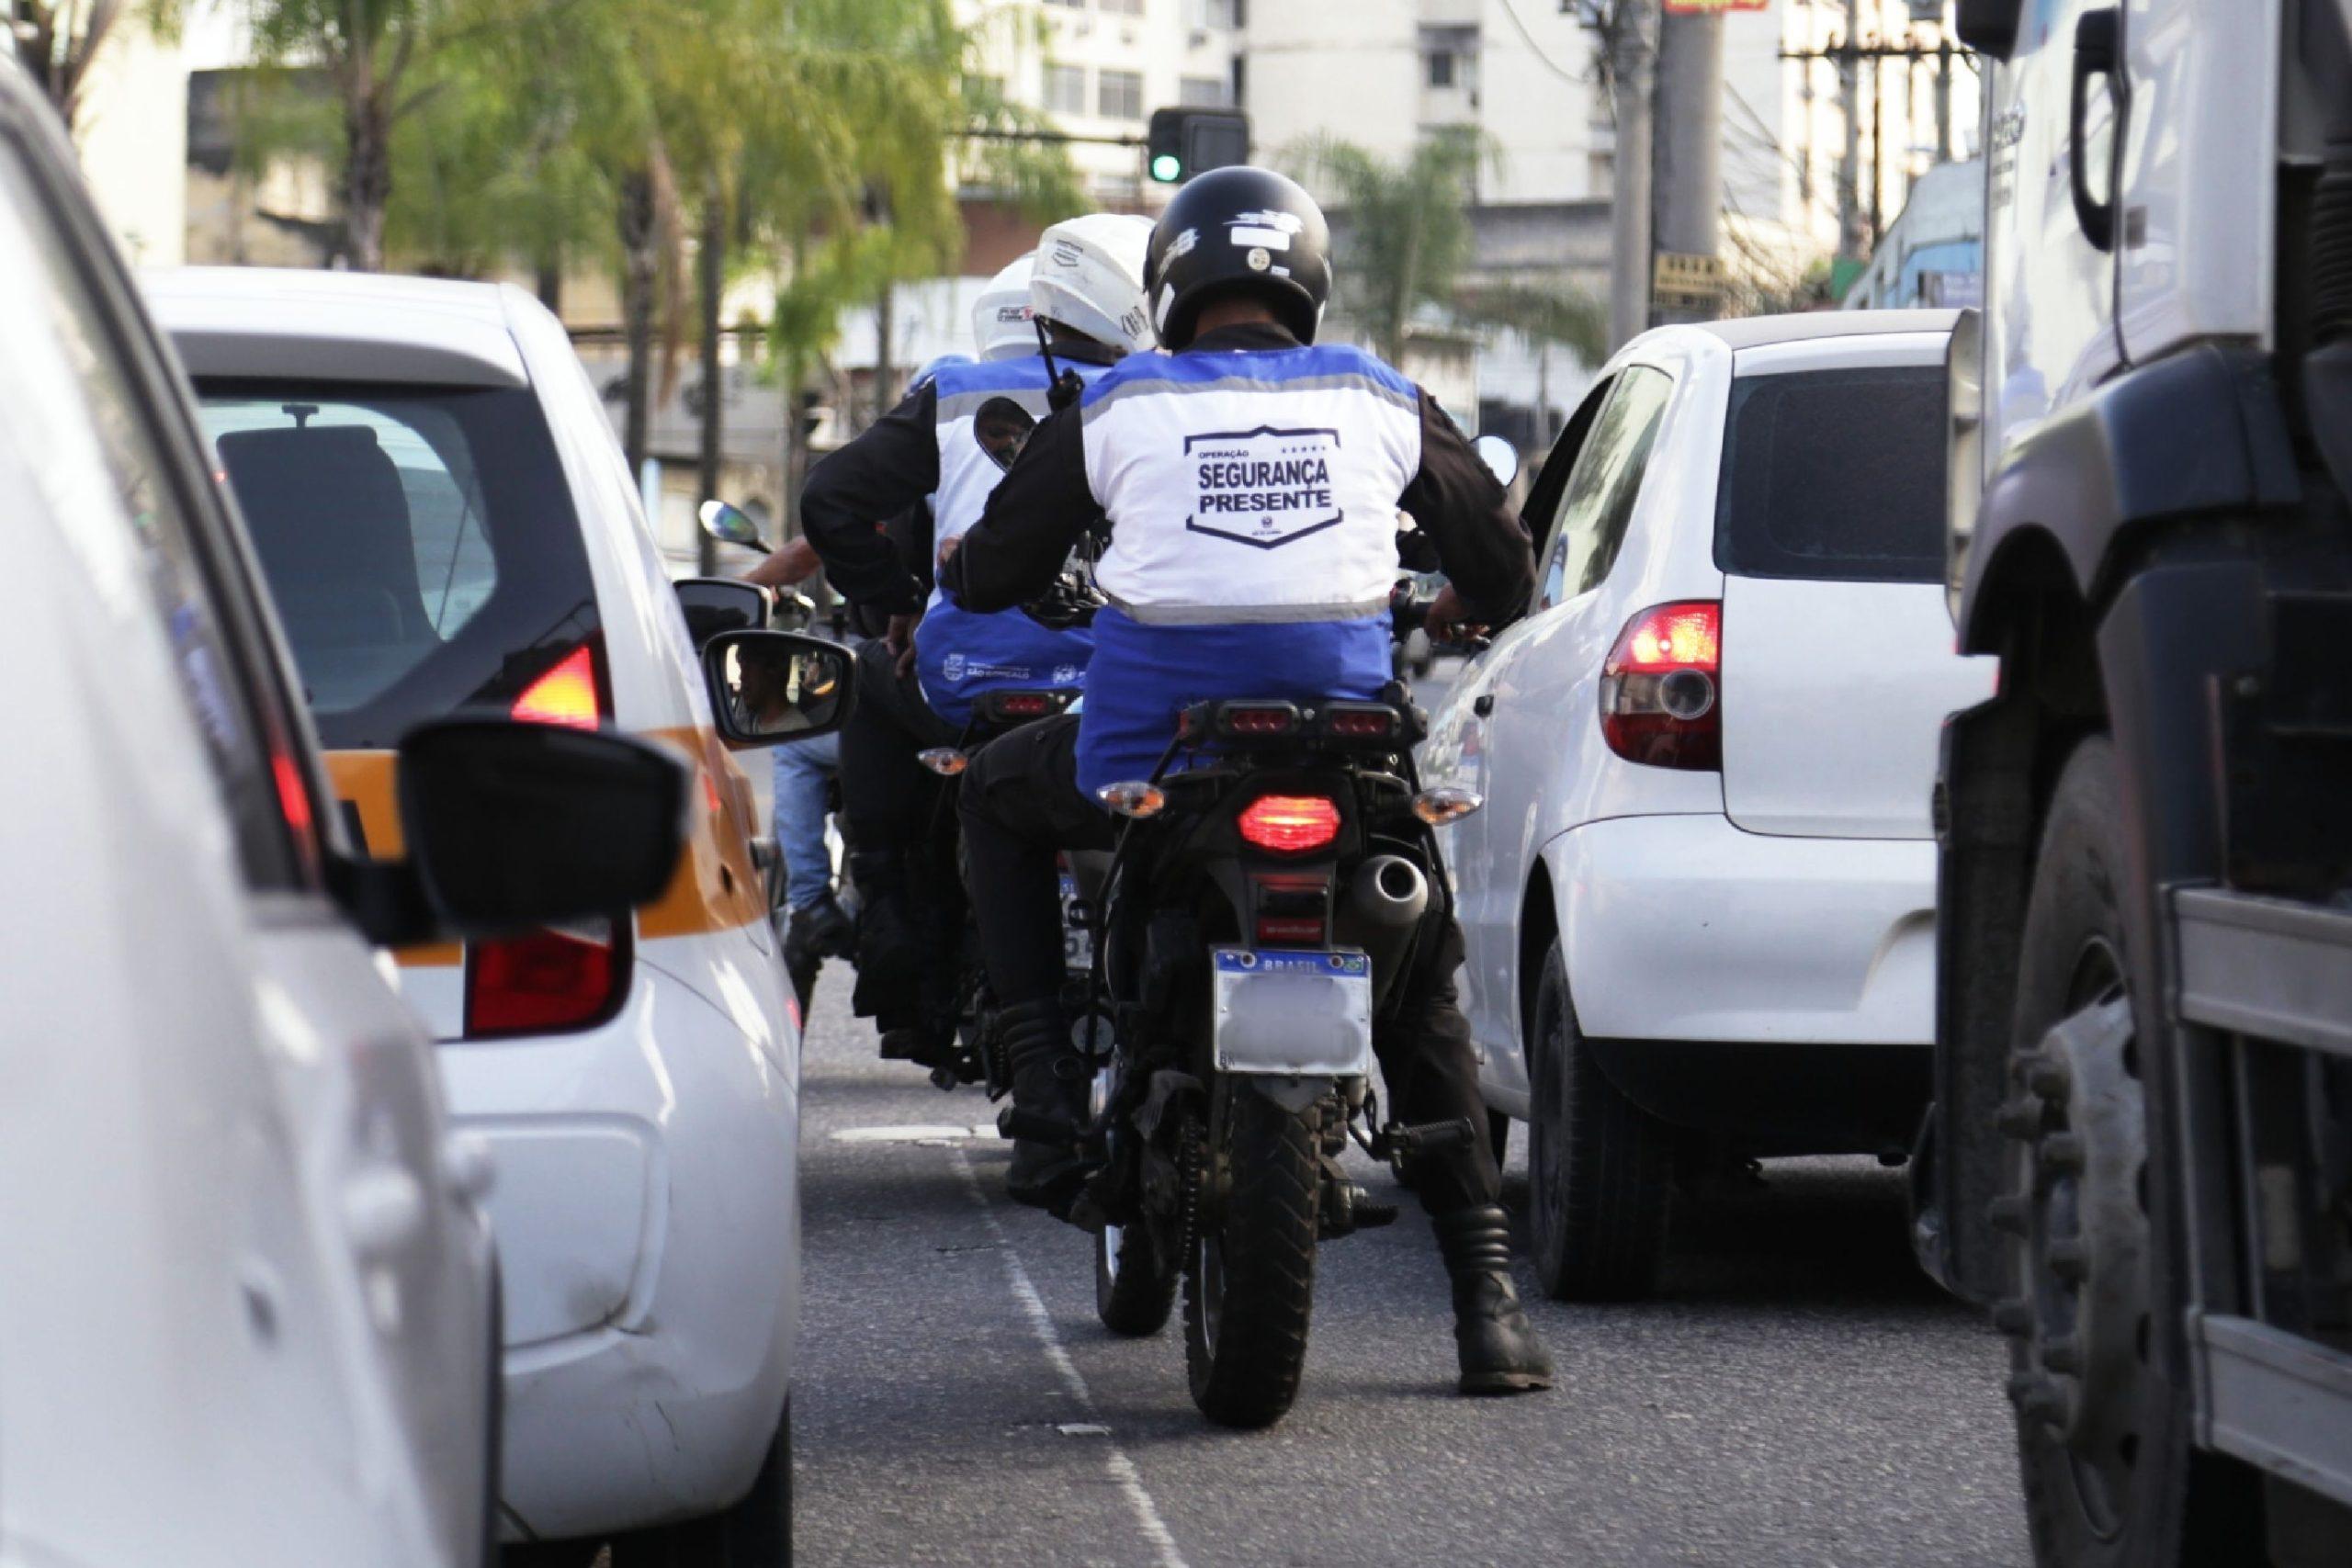 Imagem de agentes de segurança